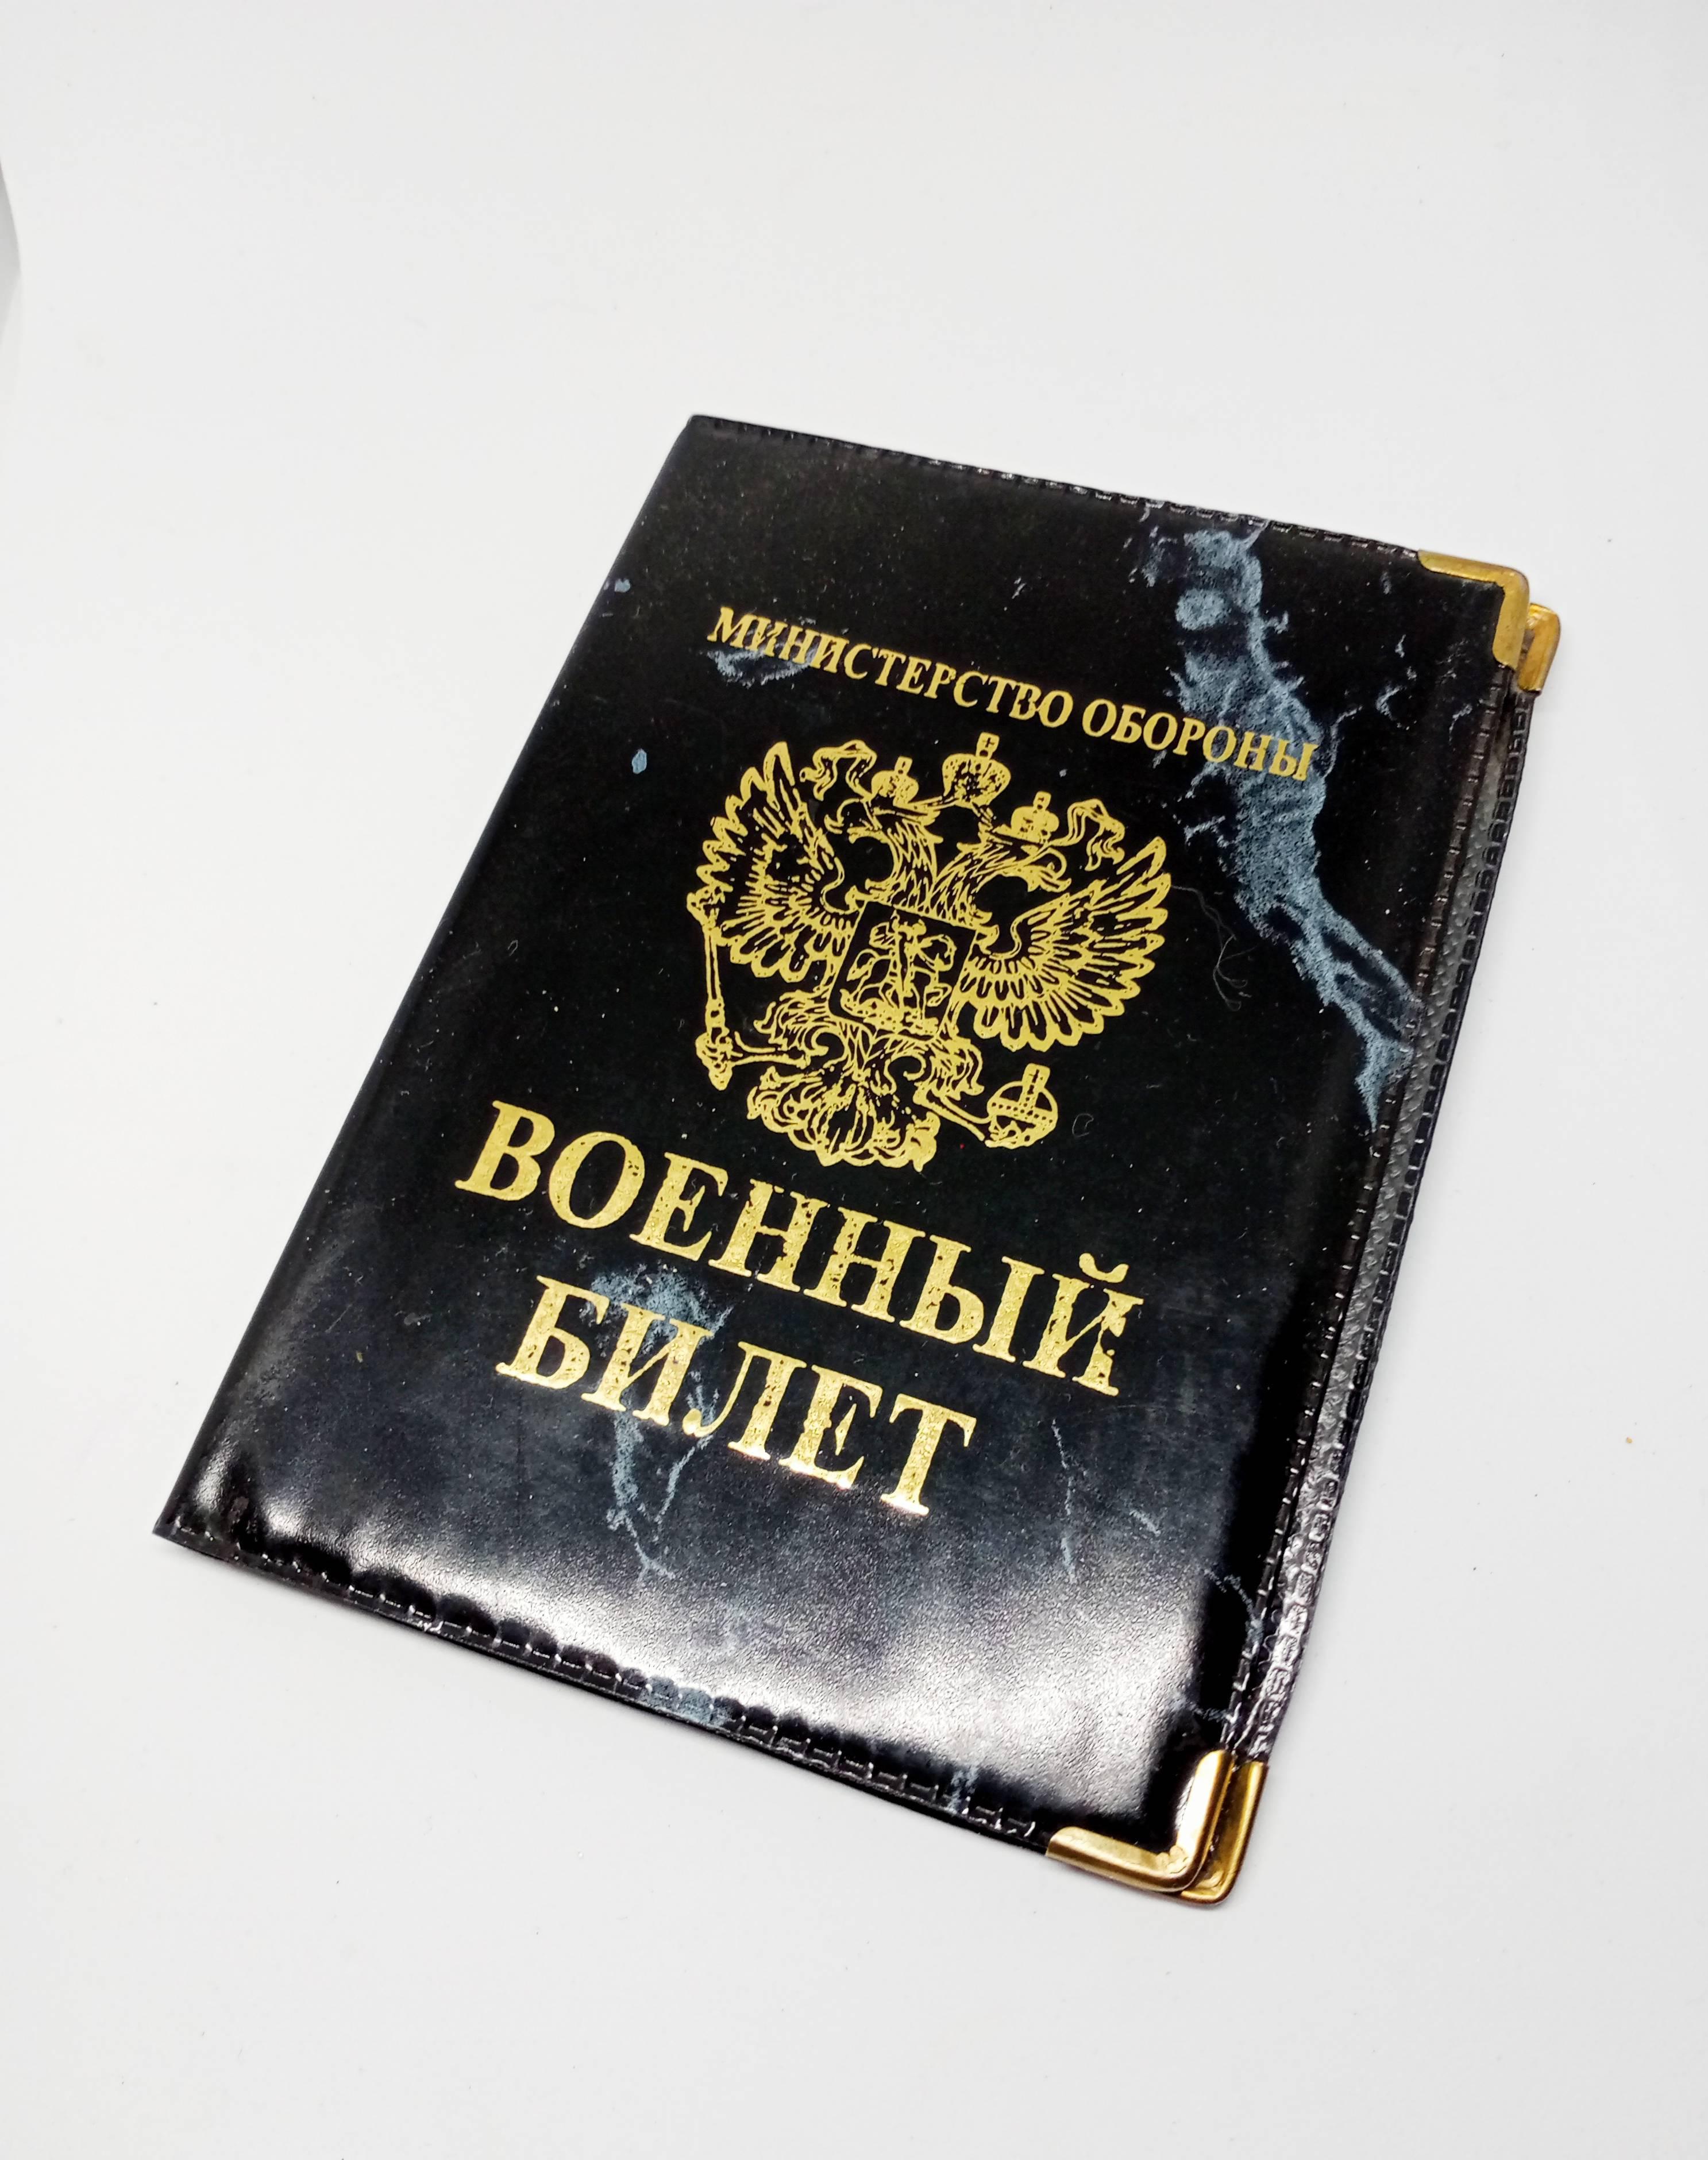 Купить сигареты по военному билету сигареты ричмонд шоколад купить